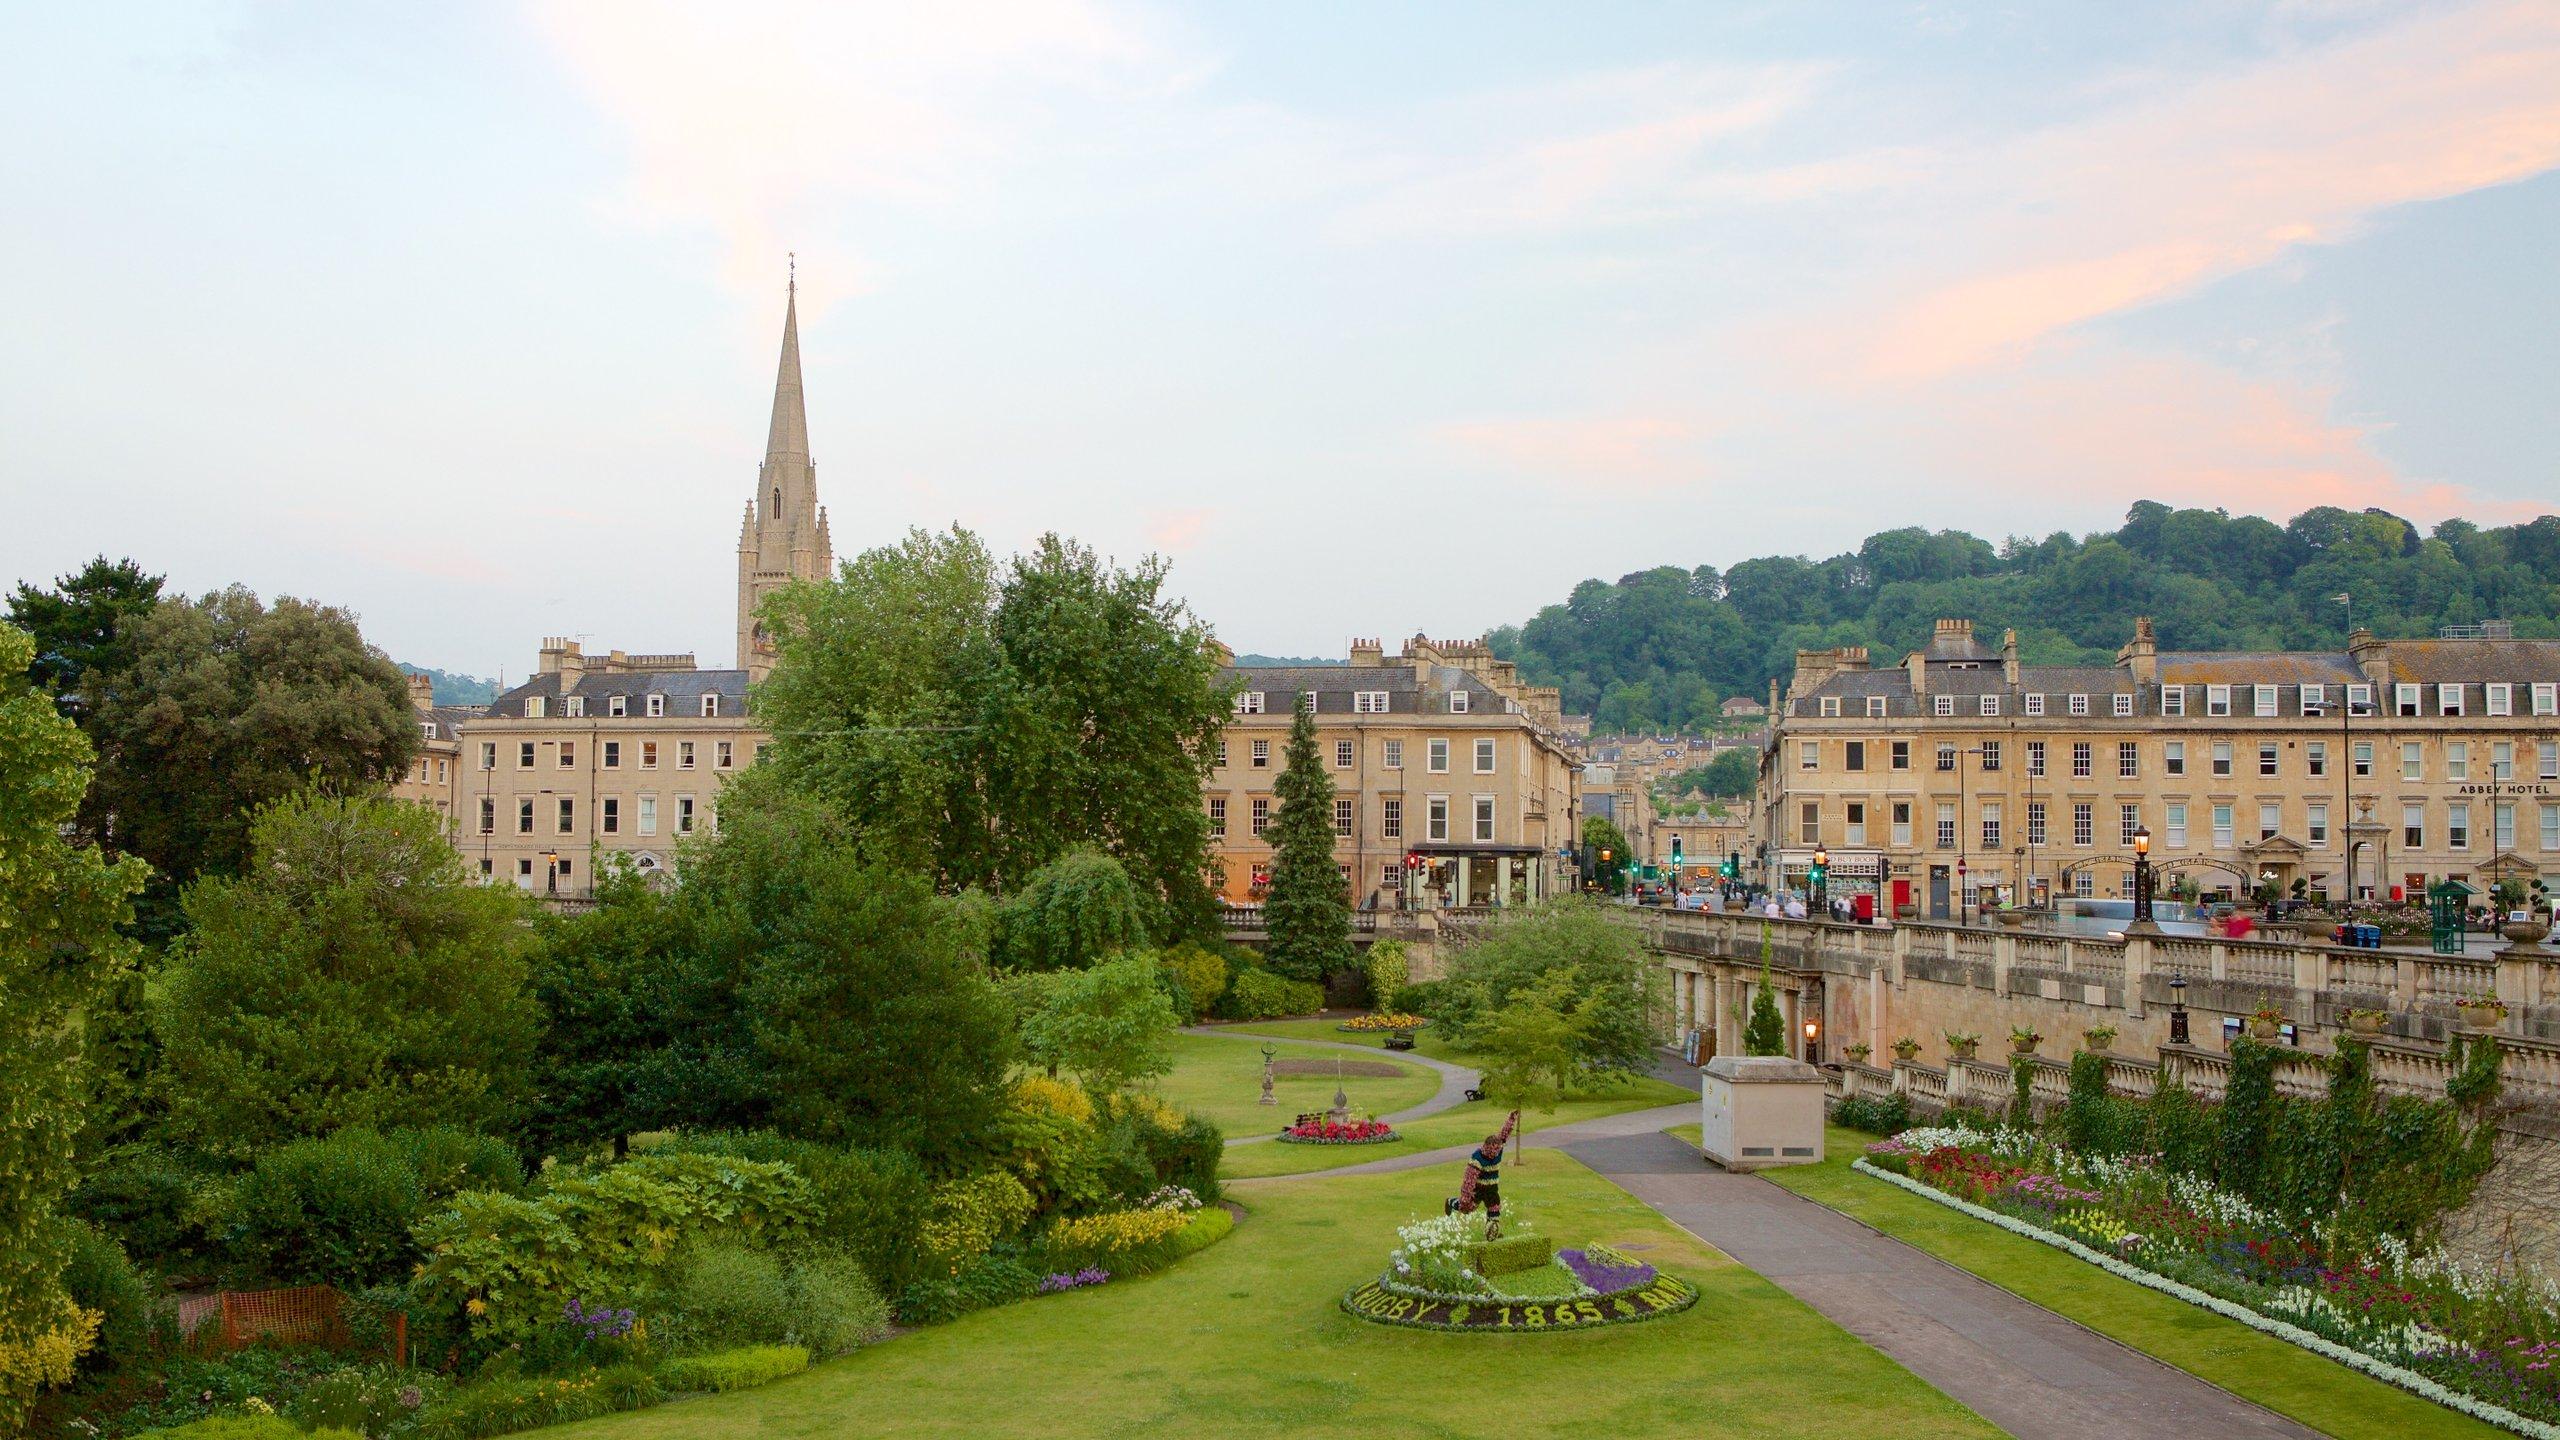 Bath, England, United Kingdom